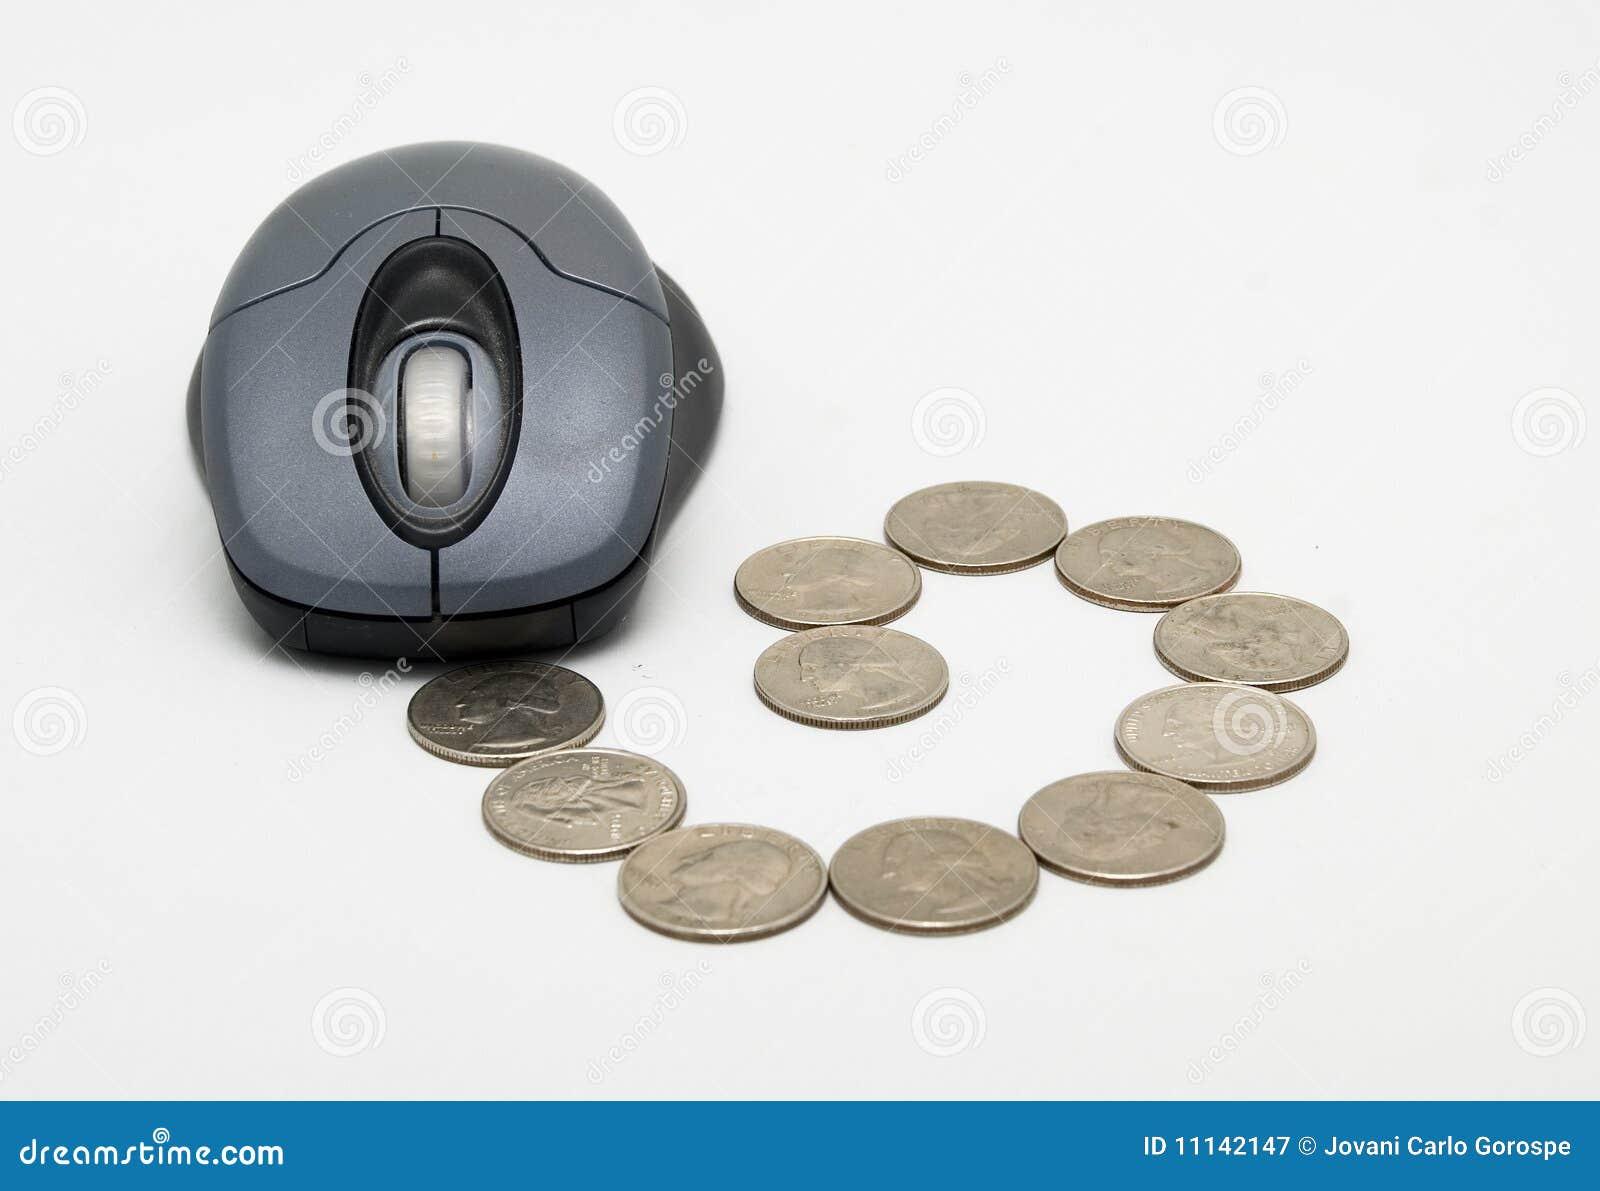 να καταθέσει σε τράπεζα on-lin